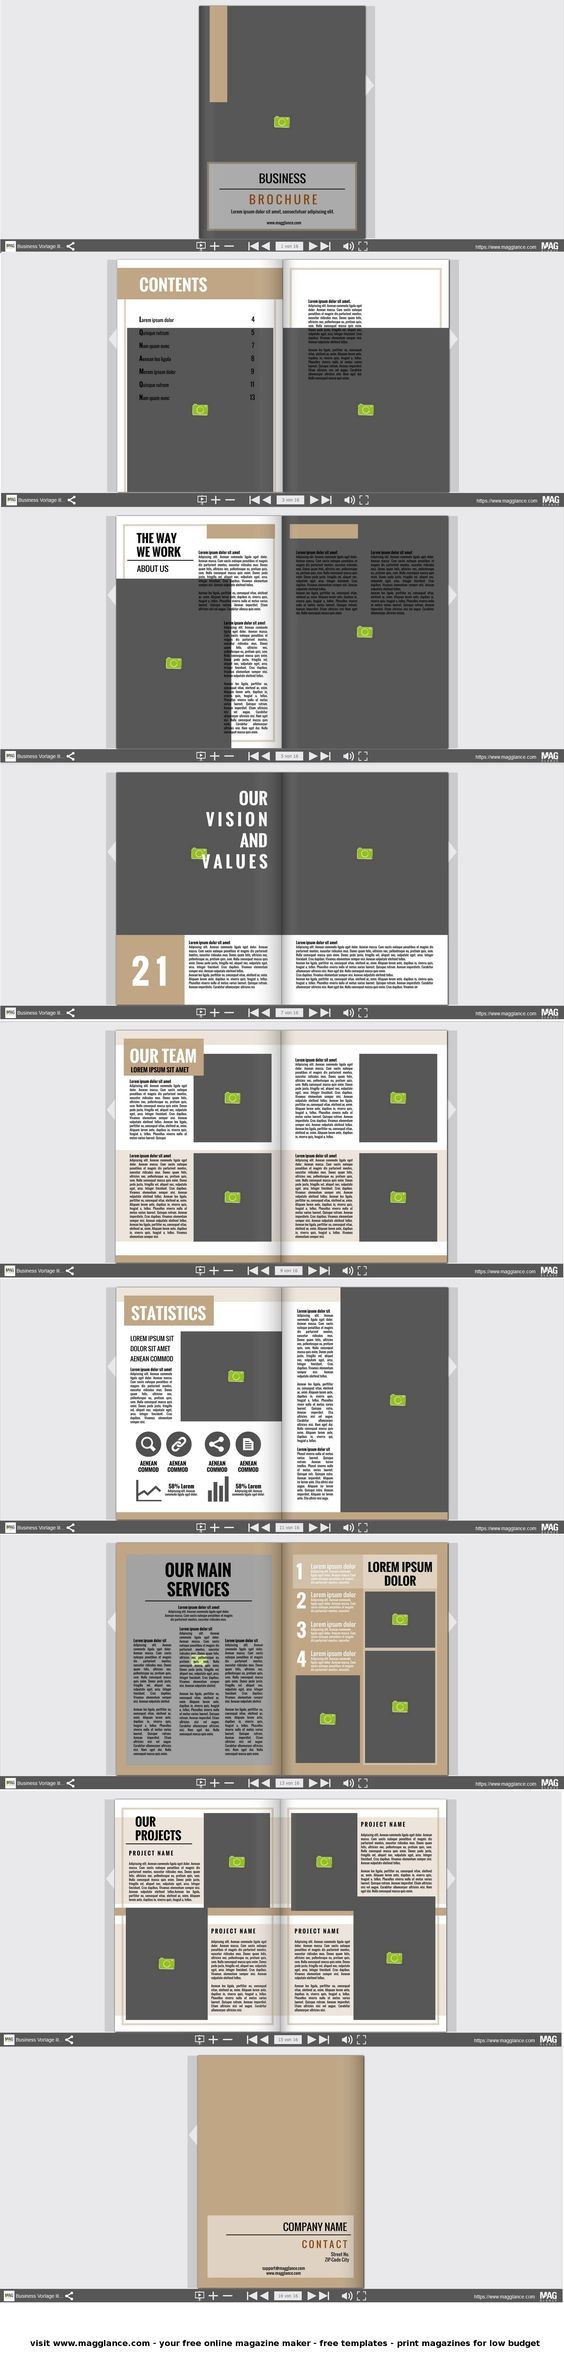 utwórz broszurę biznesową w wersji online i wydrukuj w atrakcyjnej cenie pod  https://pl.magglance.com/broszura/broszura-utworz #broszura #szablon #design #wzór #przykład #template #gazetka firmowa #layout #utwórz #redaguj #cover